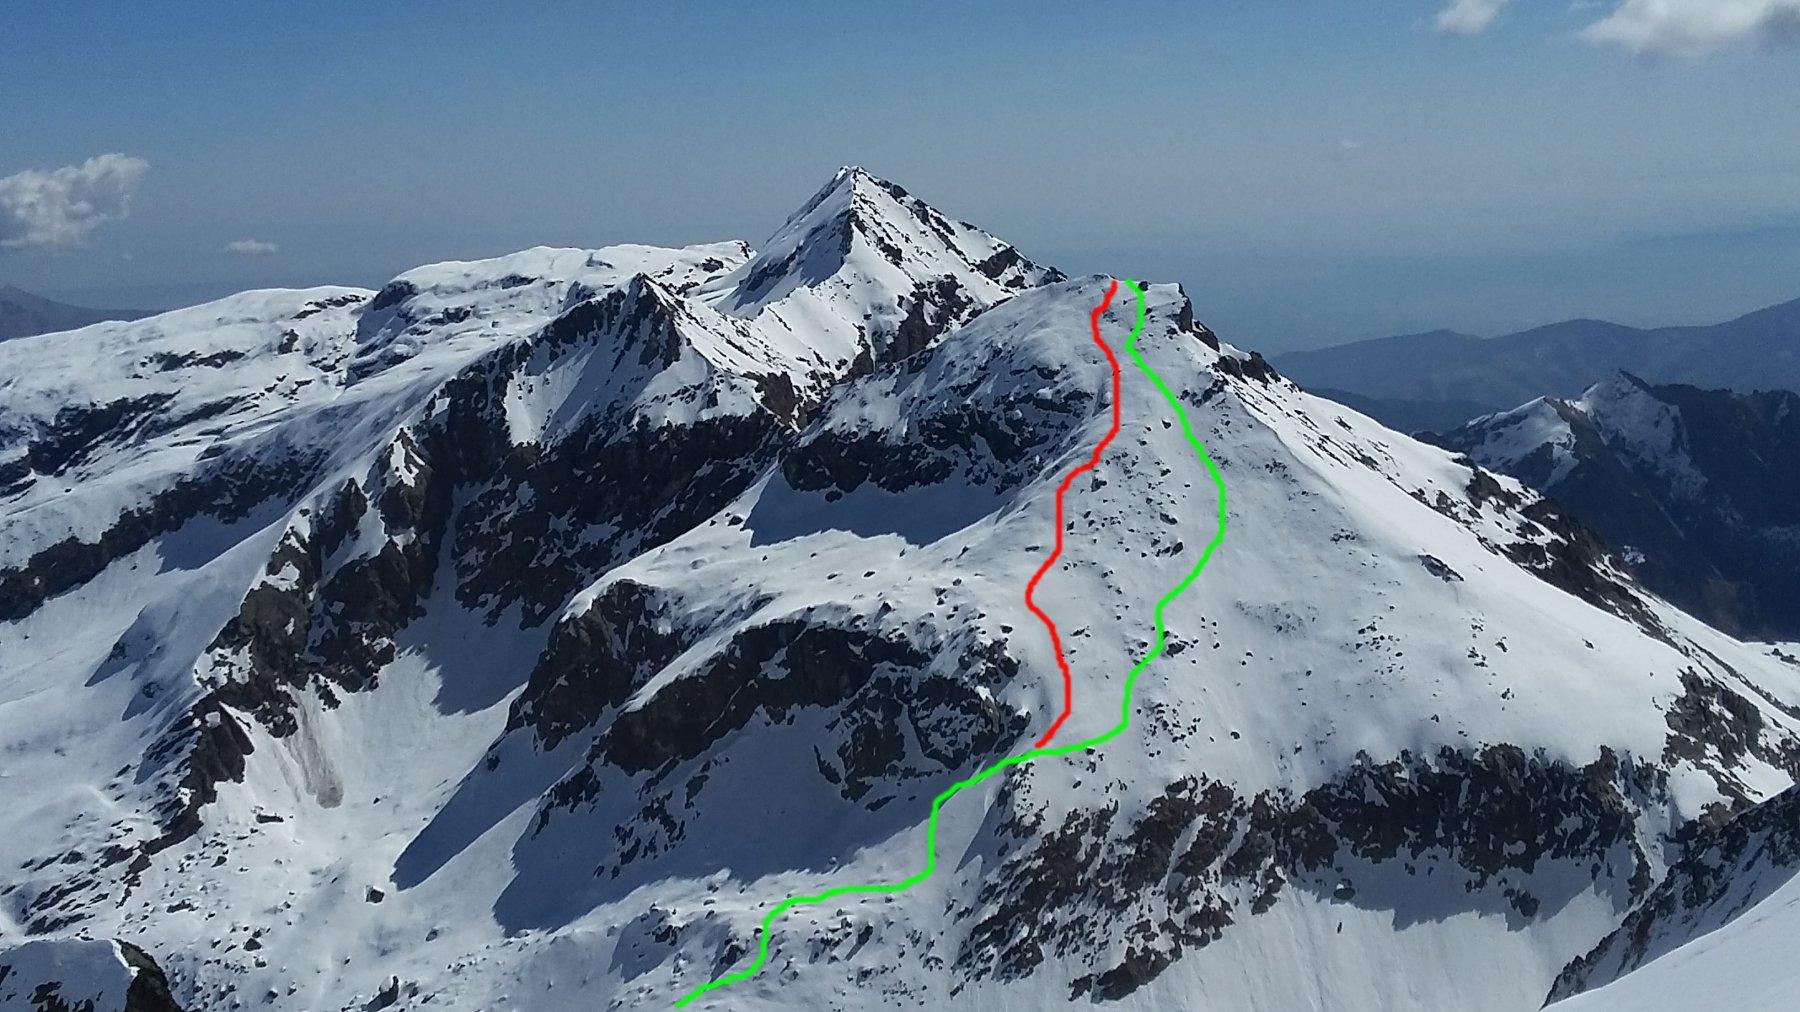 Itinerario diretto dai Laghi Verdi a cima Golai, visto da Ortetti (verde up, rosso down)